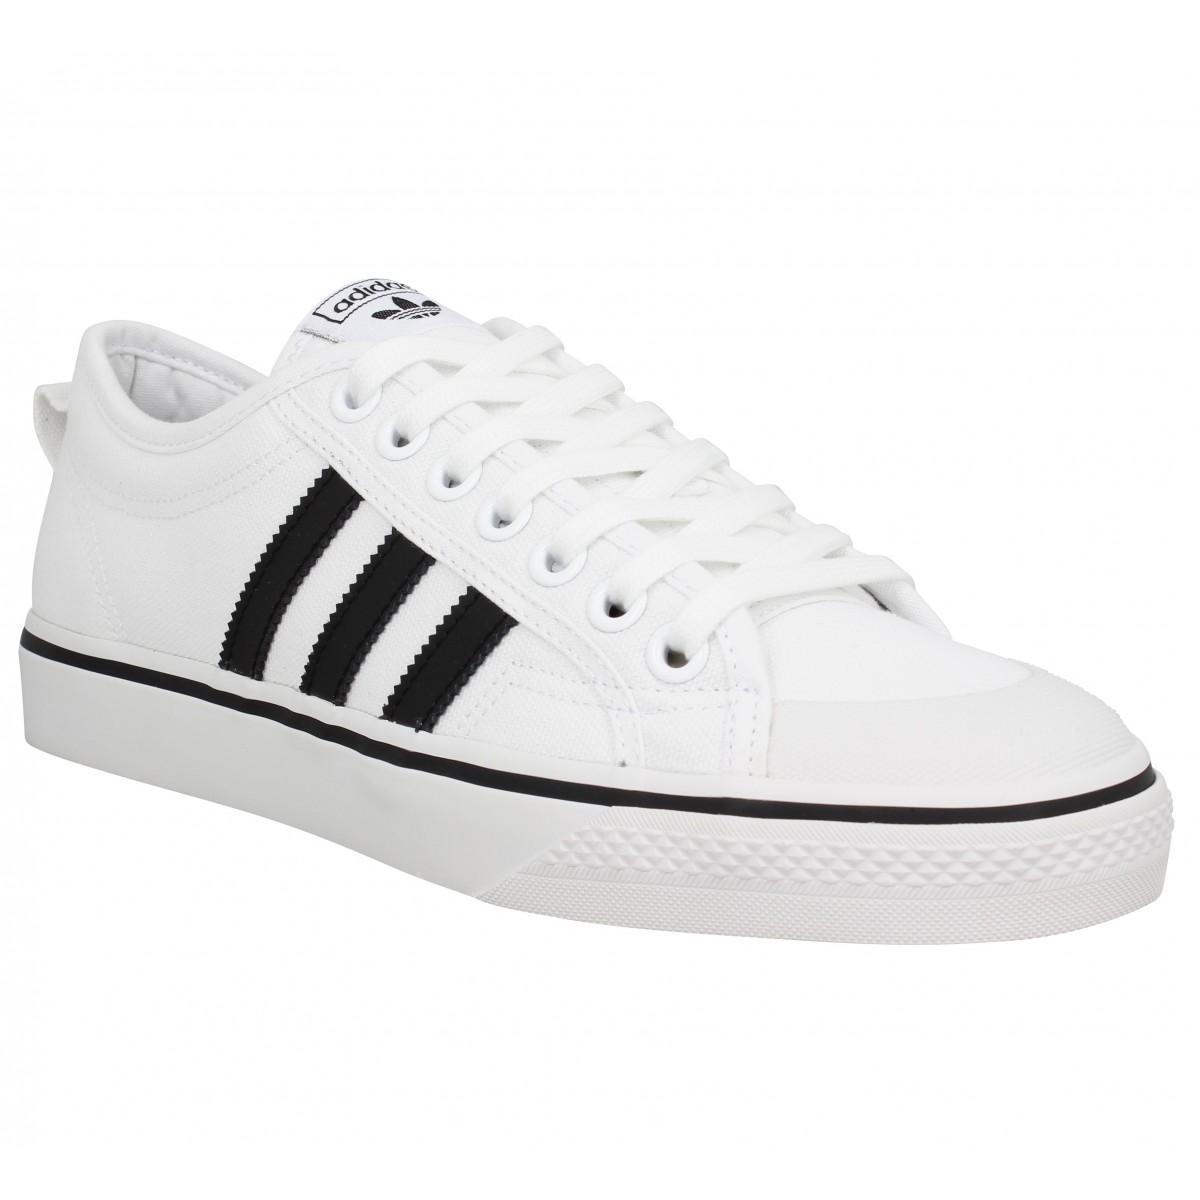 Adidas Homme Nizza Toile -40-blanc